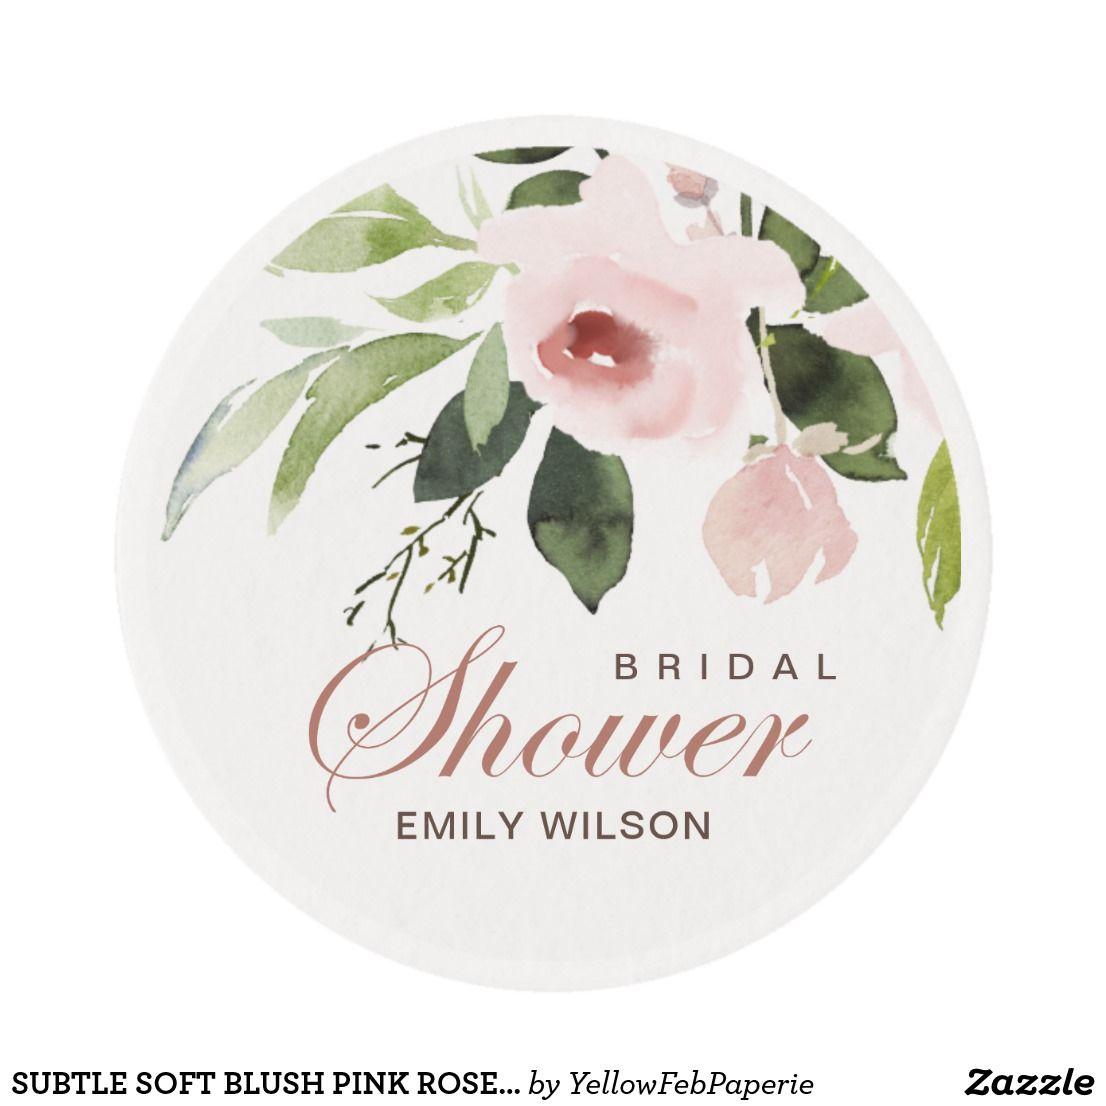 Subtle Soft Blush Pink Rose Floral Bridal Shower Edible Frosting Rounds Zazzle Com Blush Pink Blush Pink Rose Pink Floral